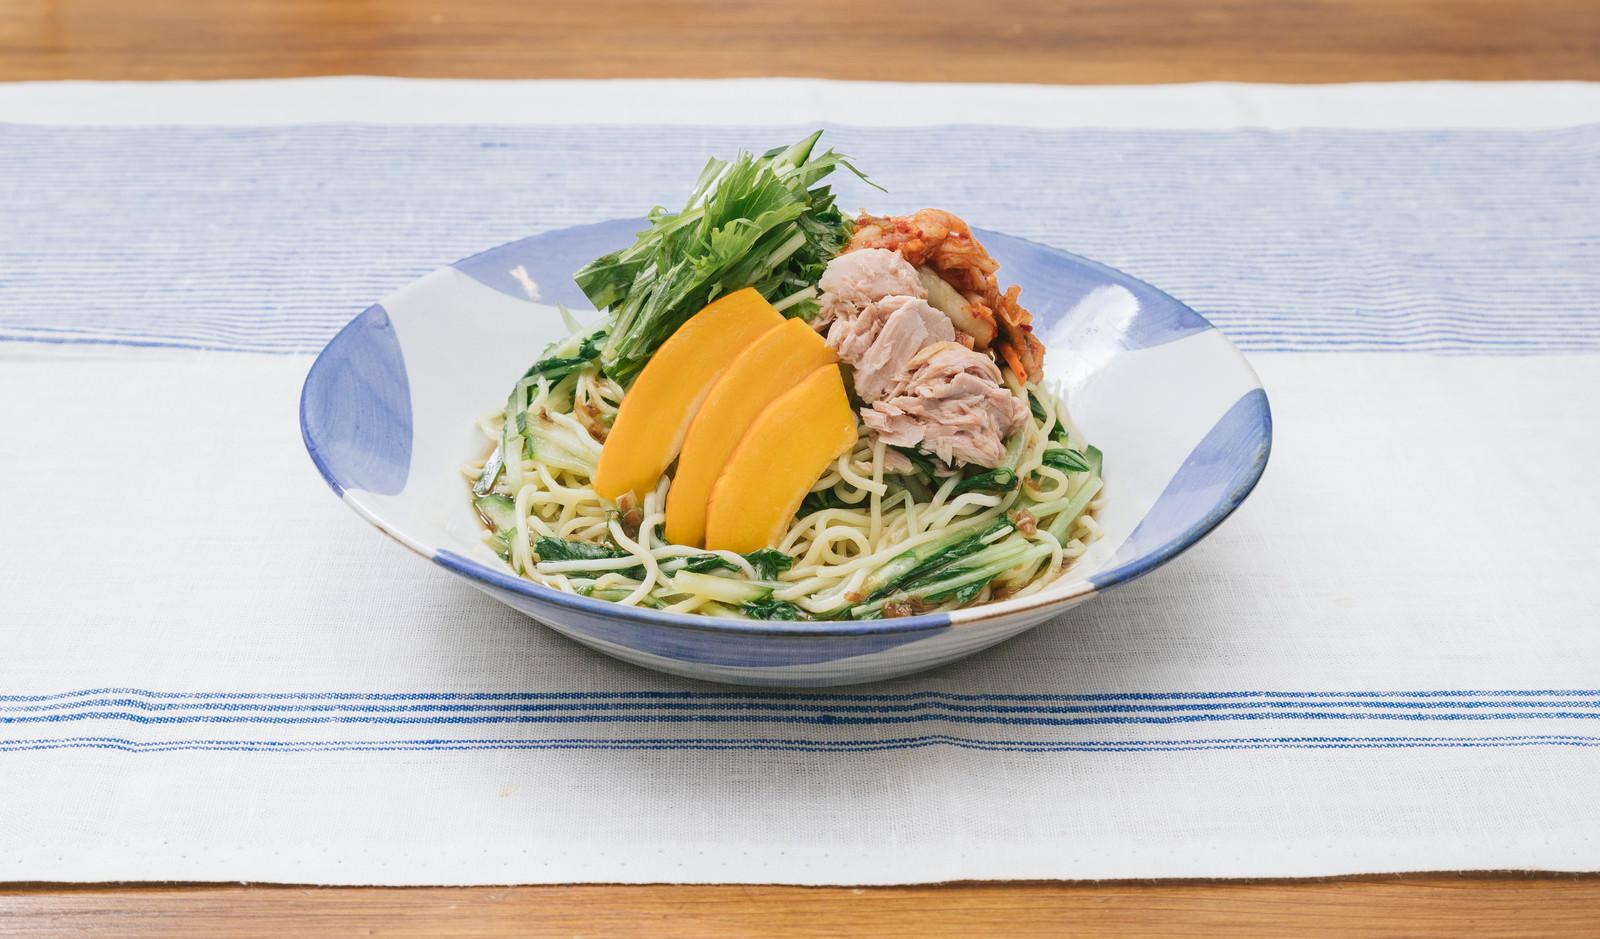 「中華麺も安心して食べられて低糖質「大盛りダイエット冷やし中華」」の写真